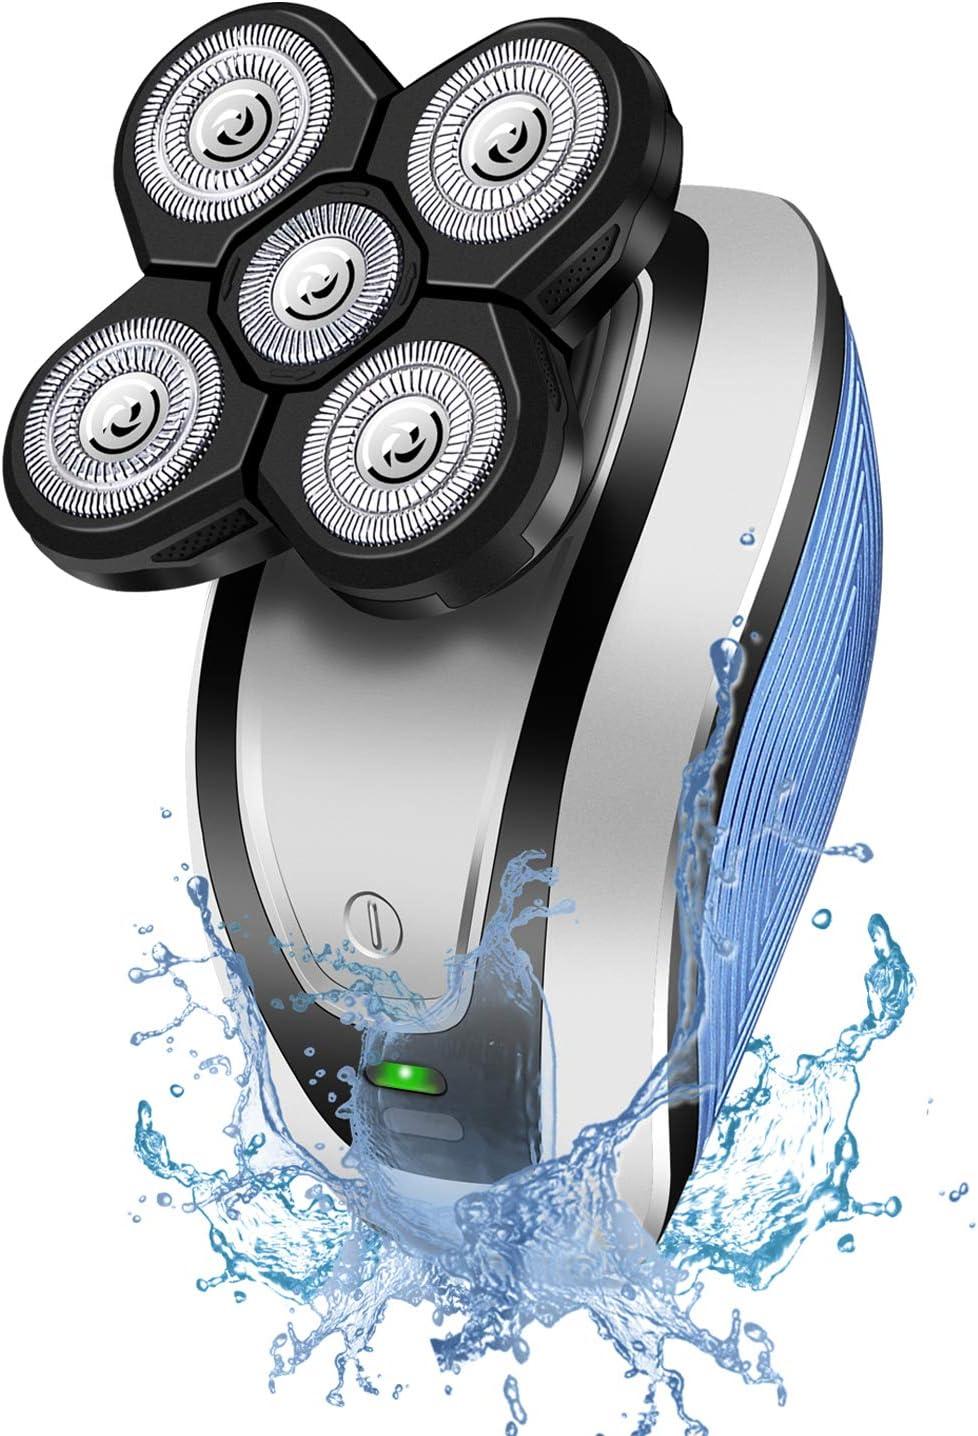 Hangrui Afeitadora Eléctrica,Máquina de Afeitar Eléctrica para Hombres Impermeable,Seco y Húmedo Afeitadora Rotativa con 5 Cabezas Flotantes,Recortadora Barba,Calva Cortapelos(USB Recargable): Amazon.es: Salud y cuidado personal